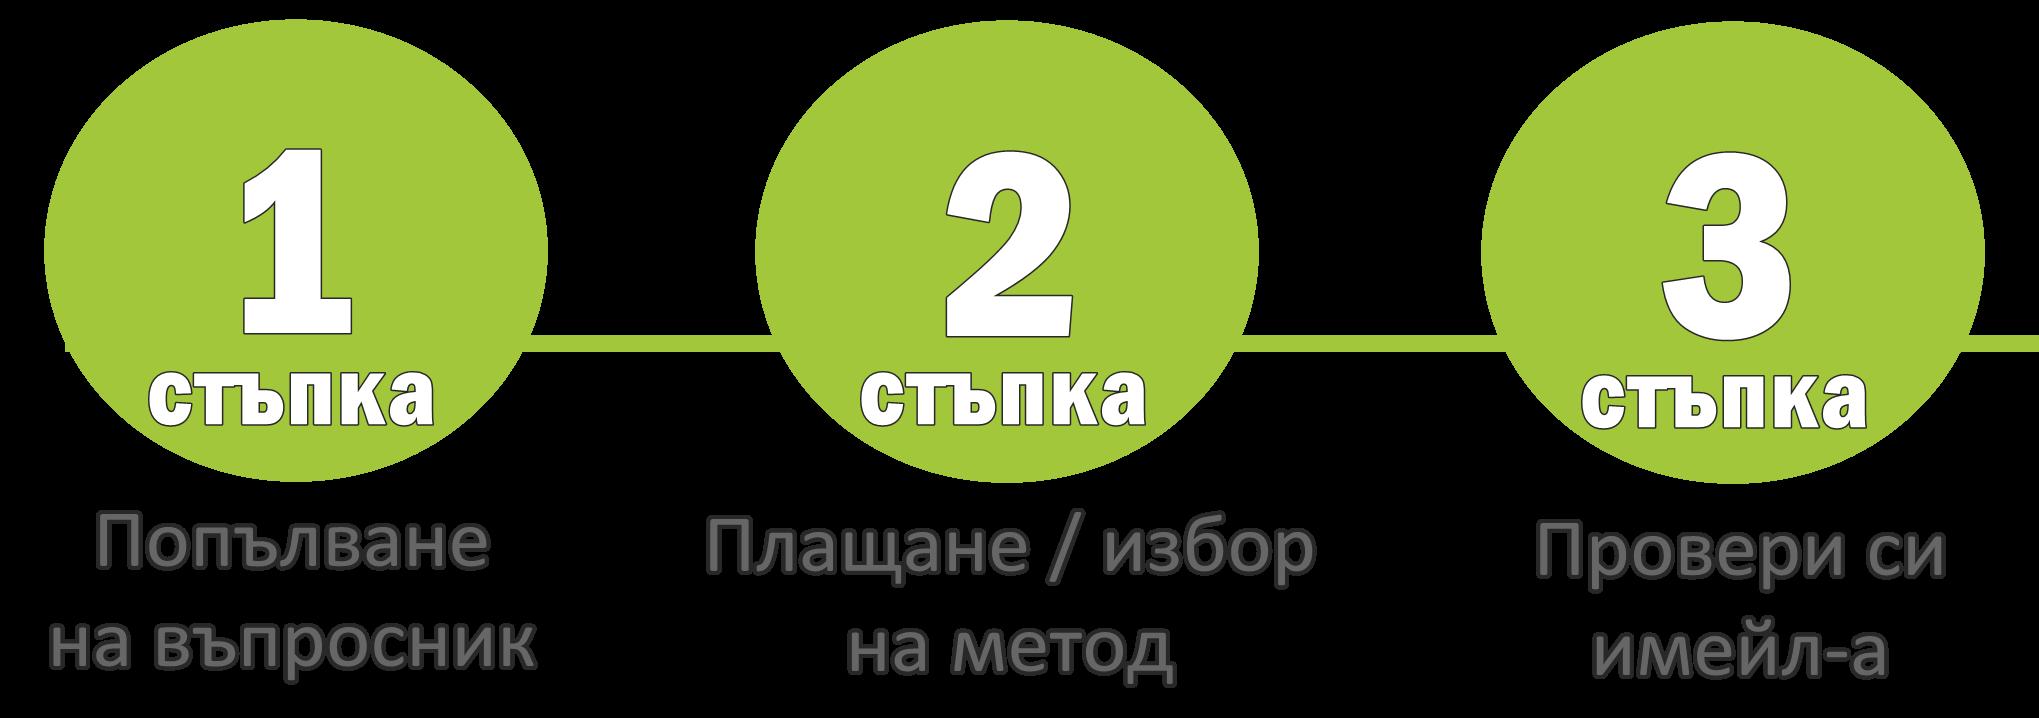 метод3